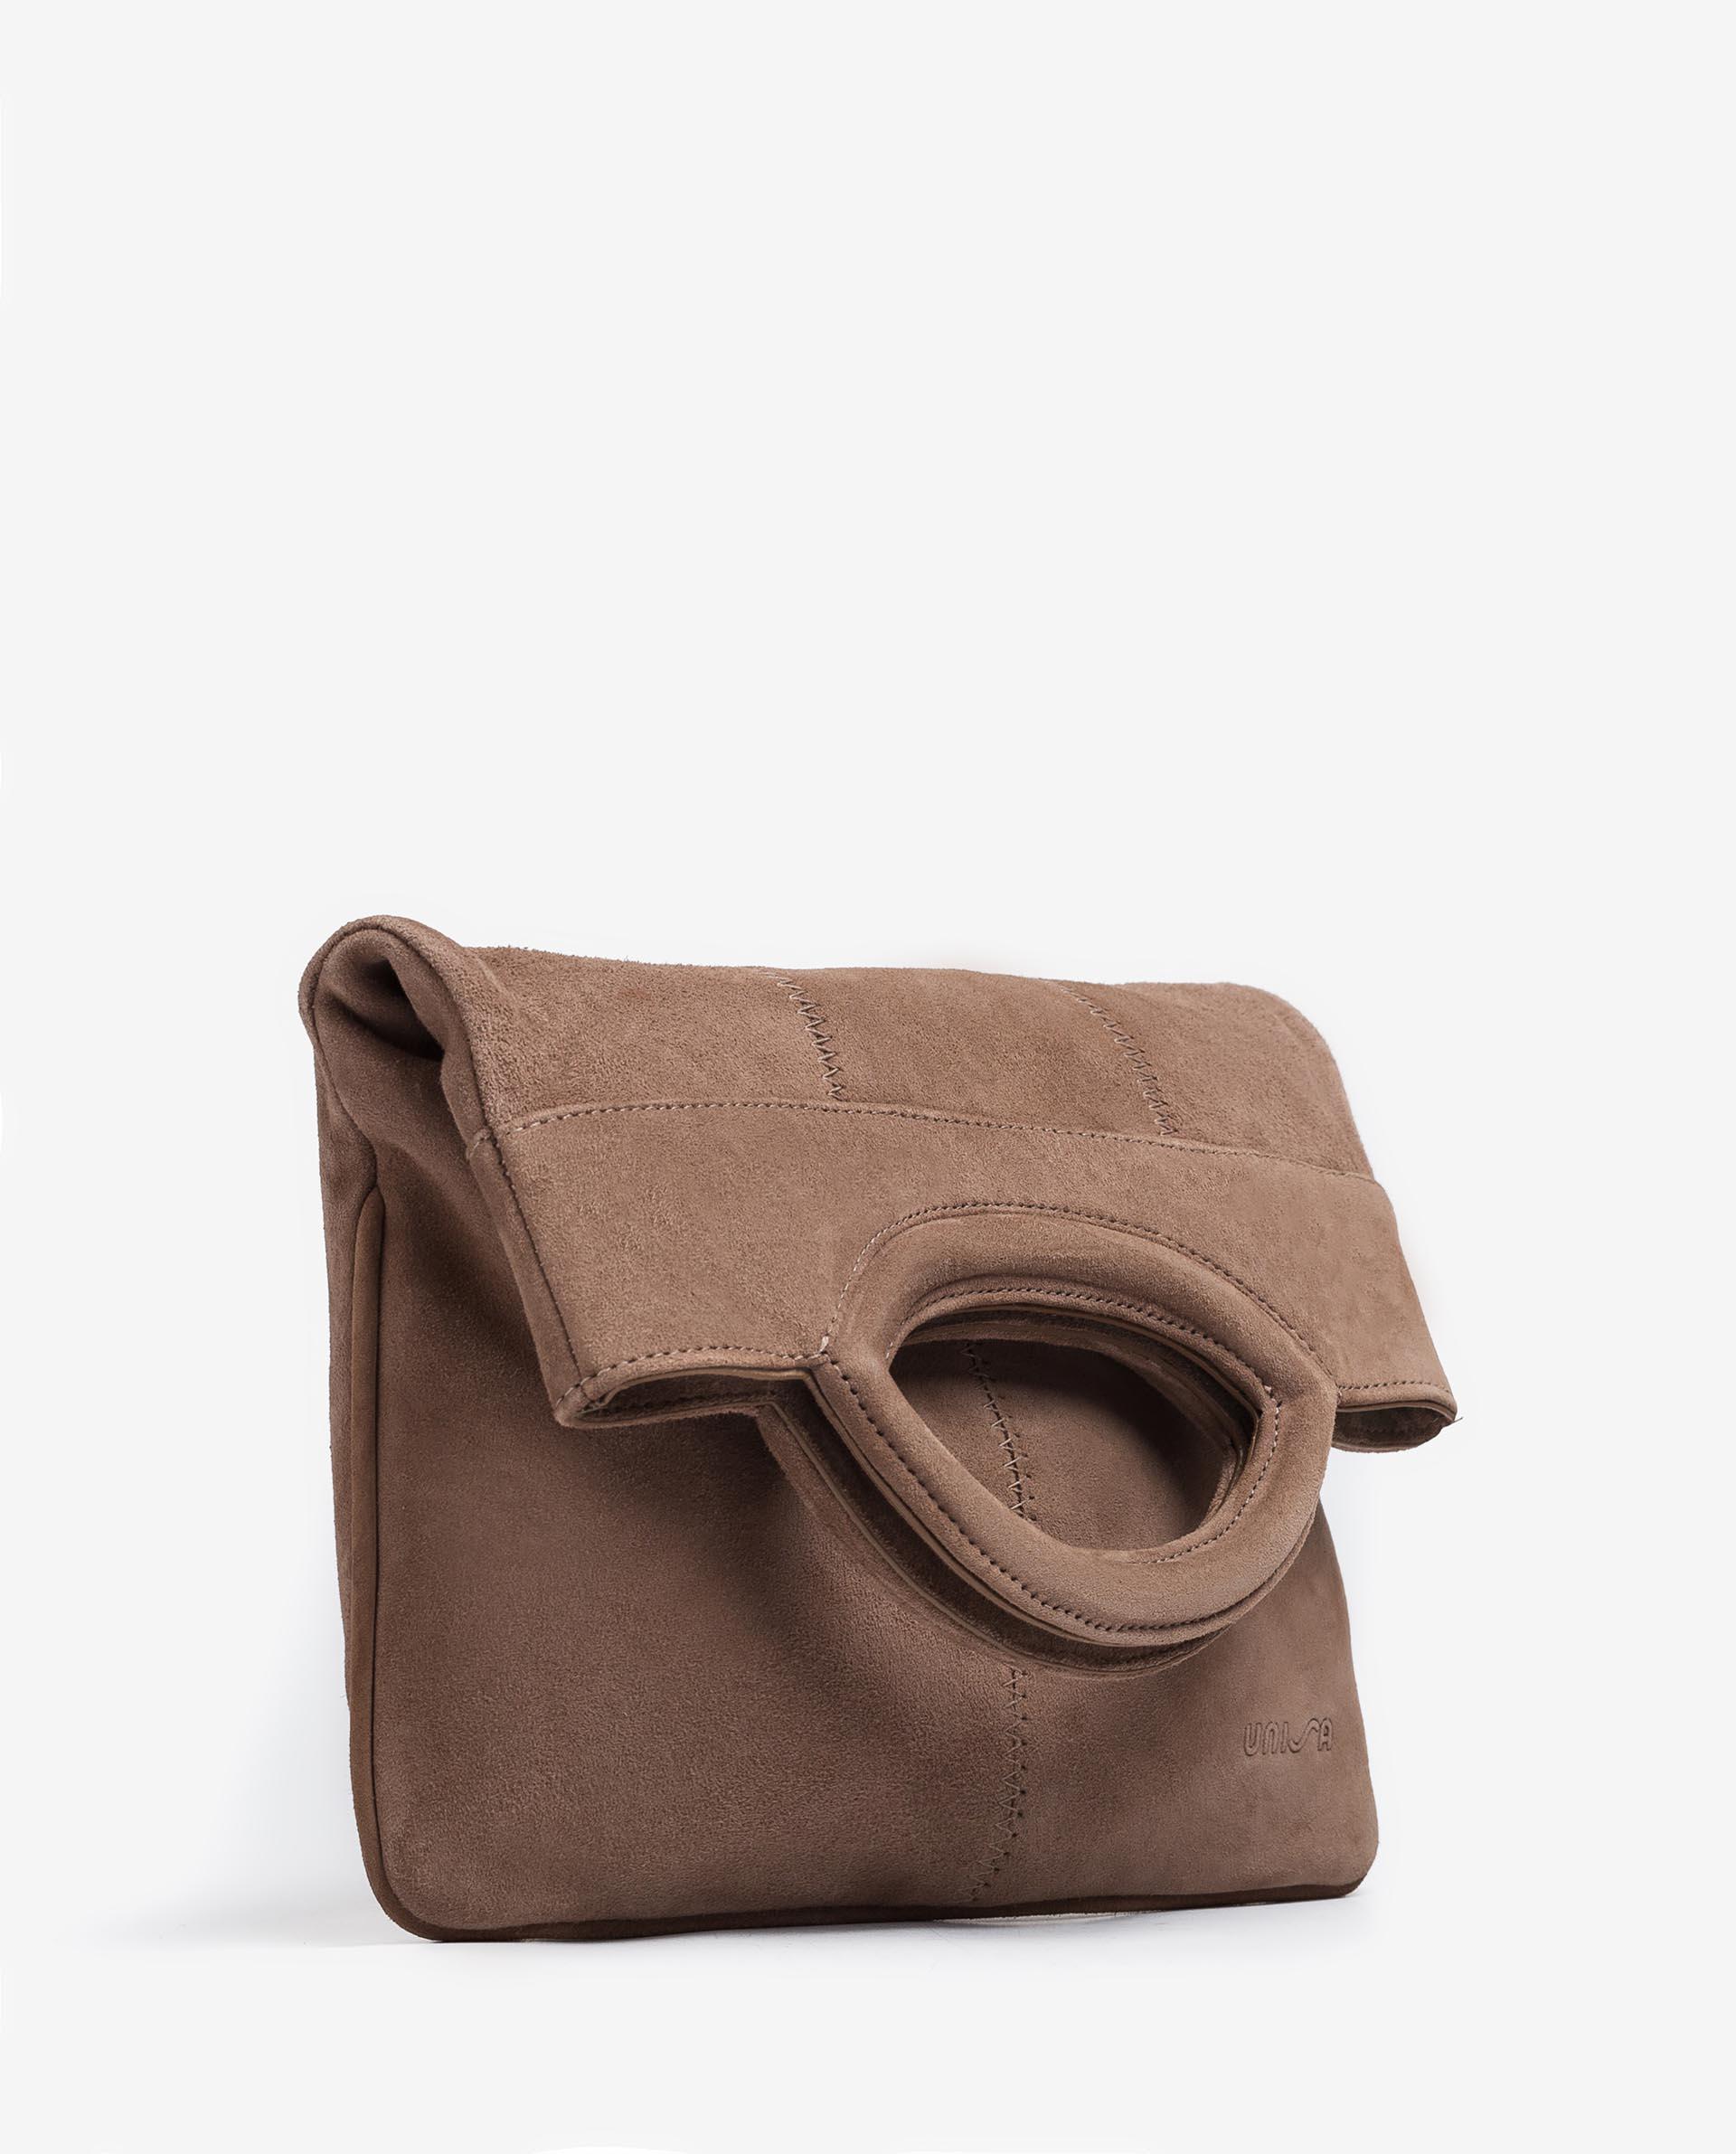 UNISA Wildledertasche mit doppeltem Umschlag ZGALATE_KS 5